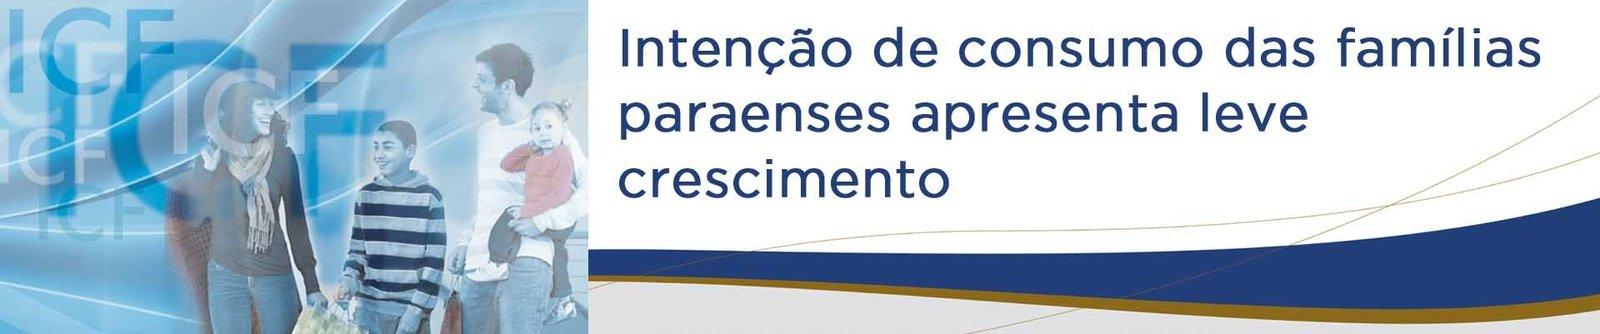 Intenção de consumo das famílias paraenses apresenta leve crescimento